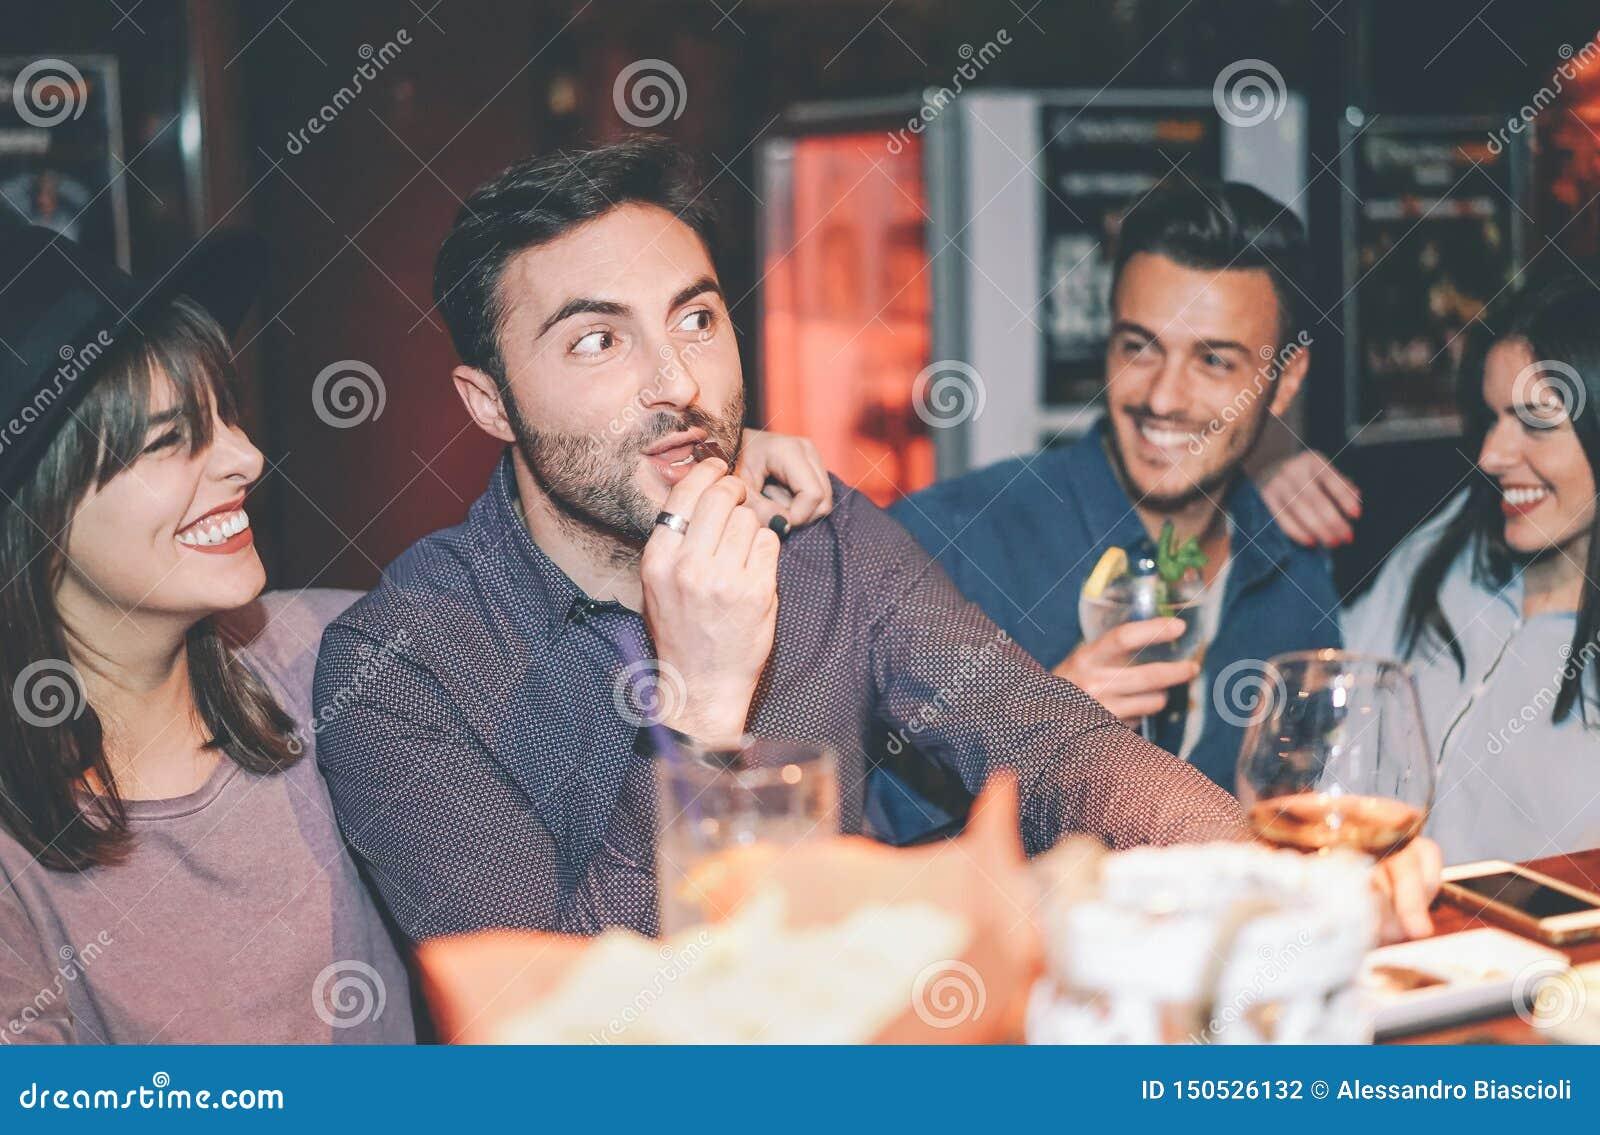 愉快的朋友有乐趣饮用的鸡尾酒在酒吧-一起笑和享受周末夜生活的年轻时髦人民